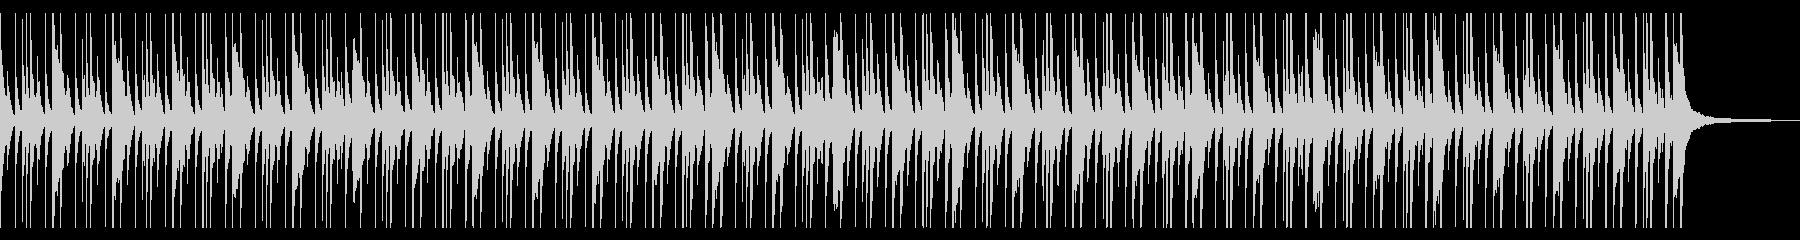 考え中 シュール ソロドラムの未再生の波形